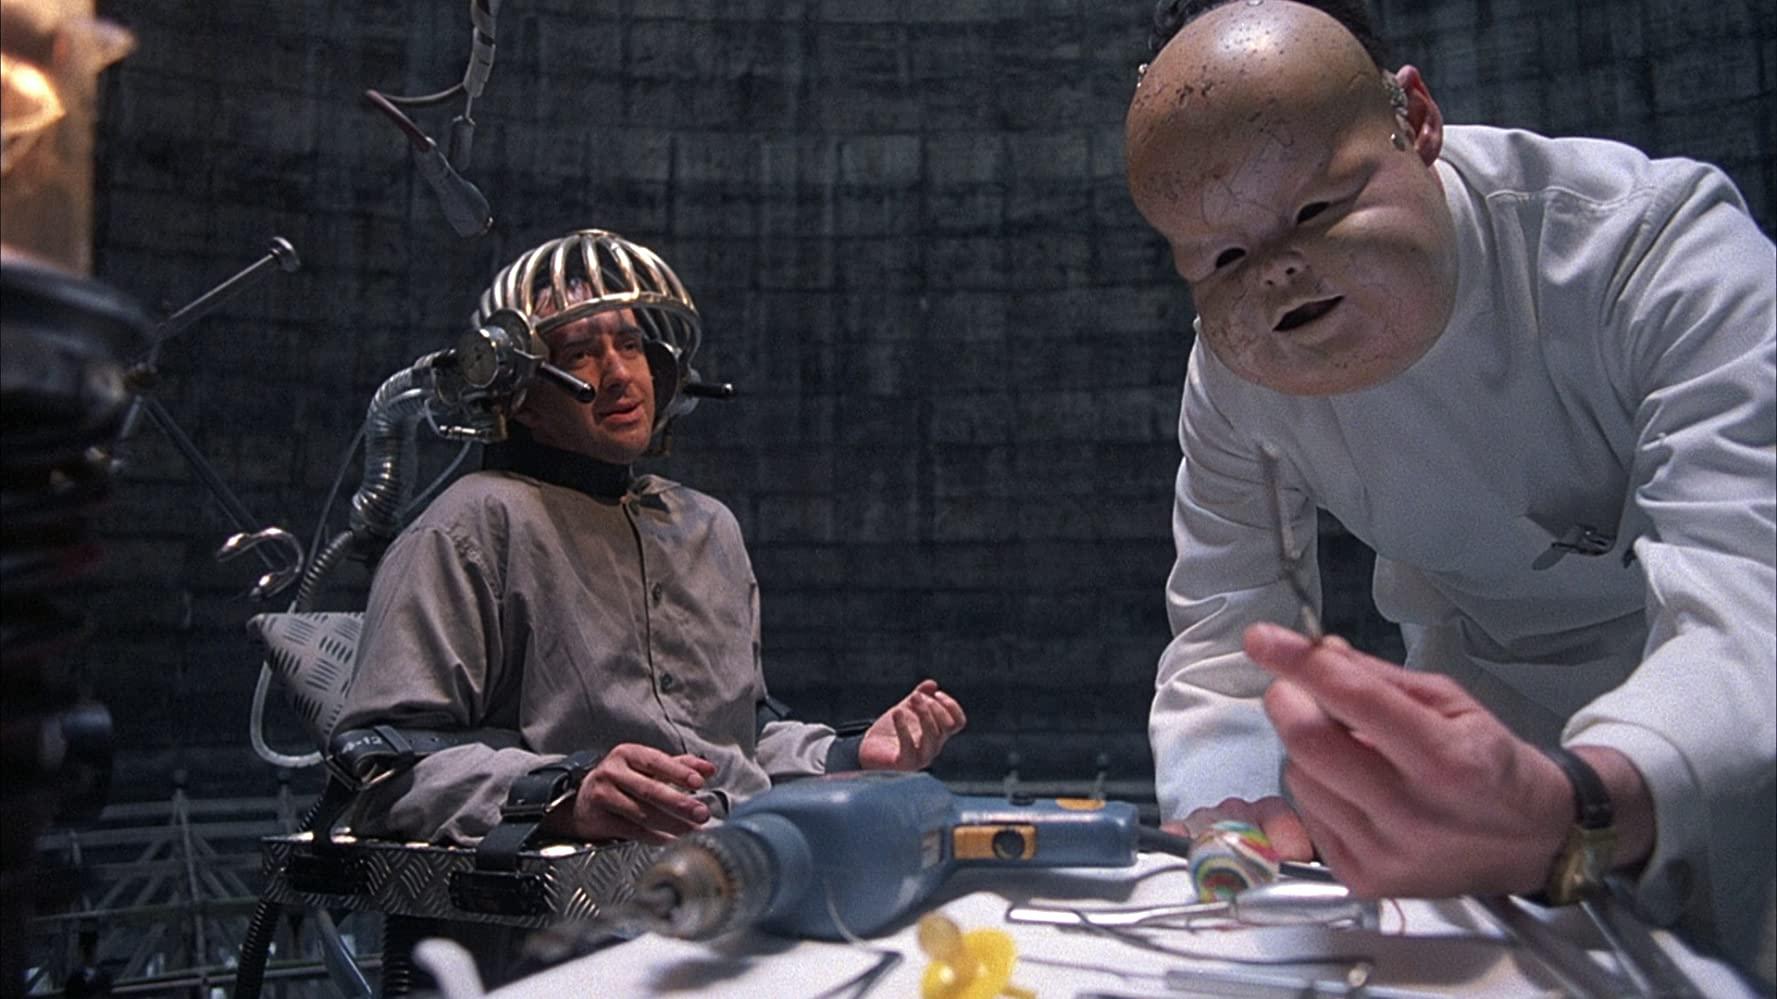 فیلم علمی تخیلی ترسناک